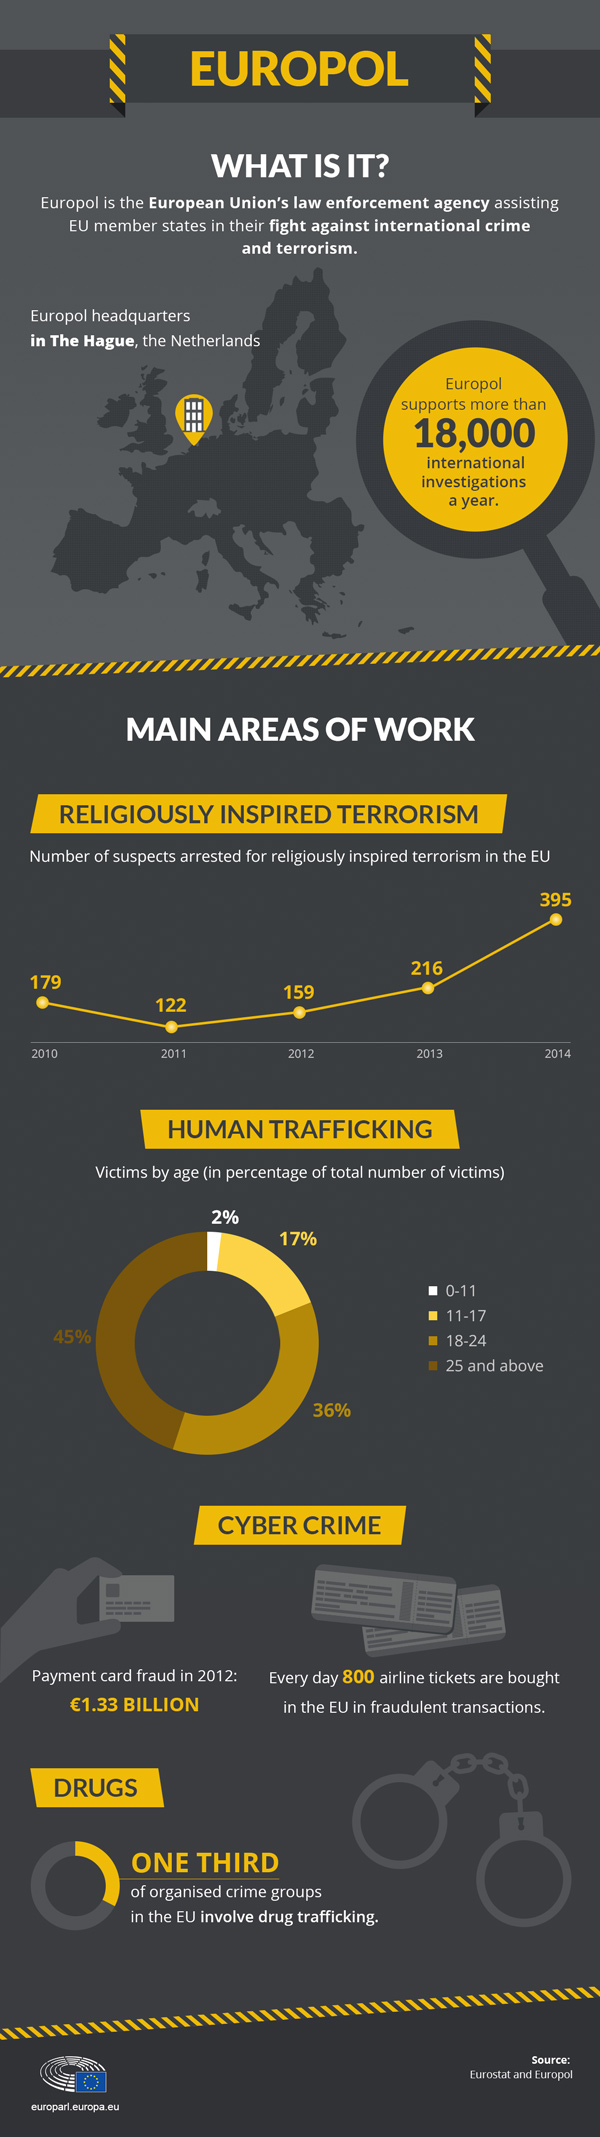 Europol_EN3.jpg